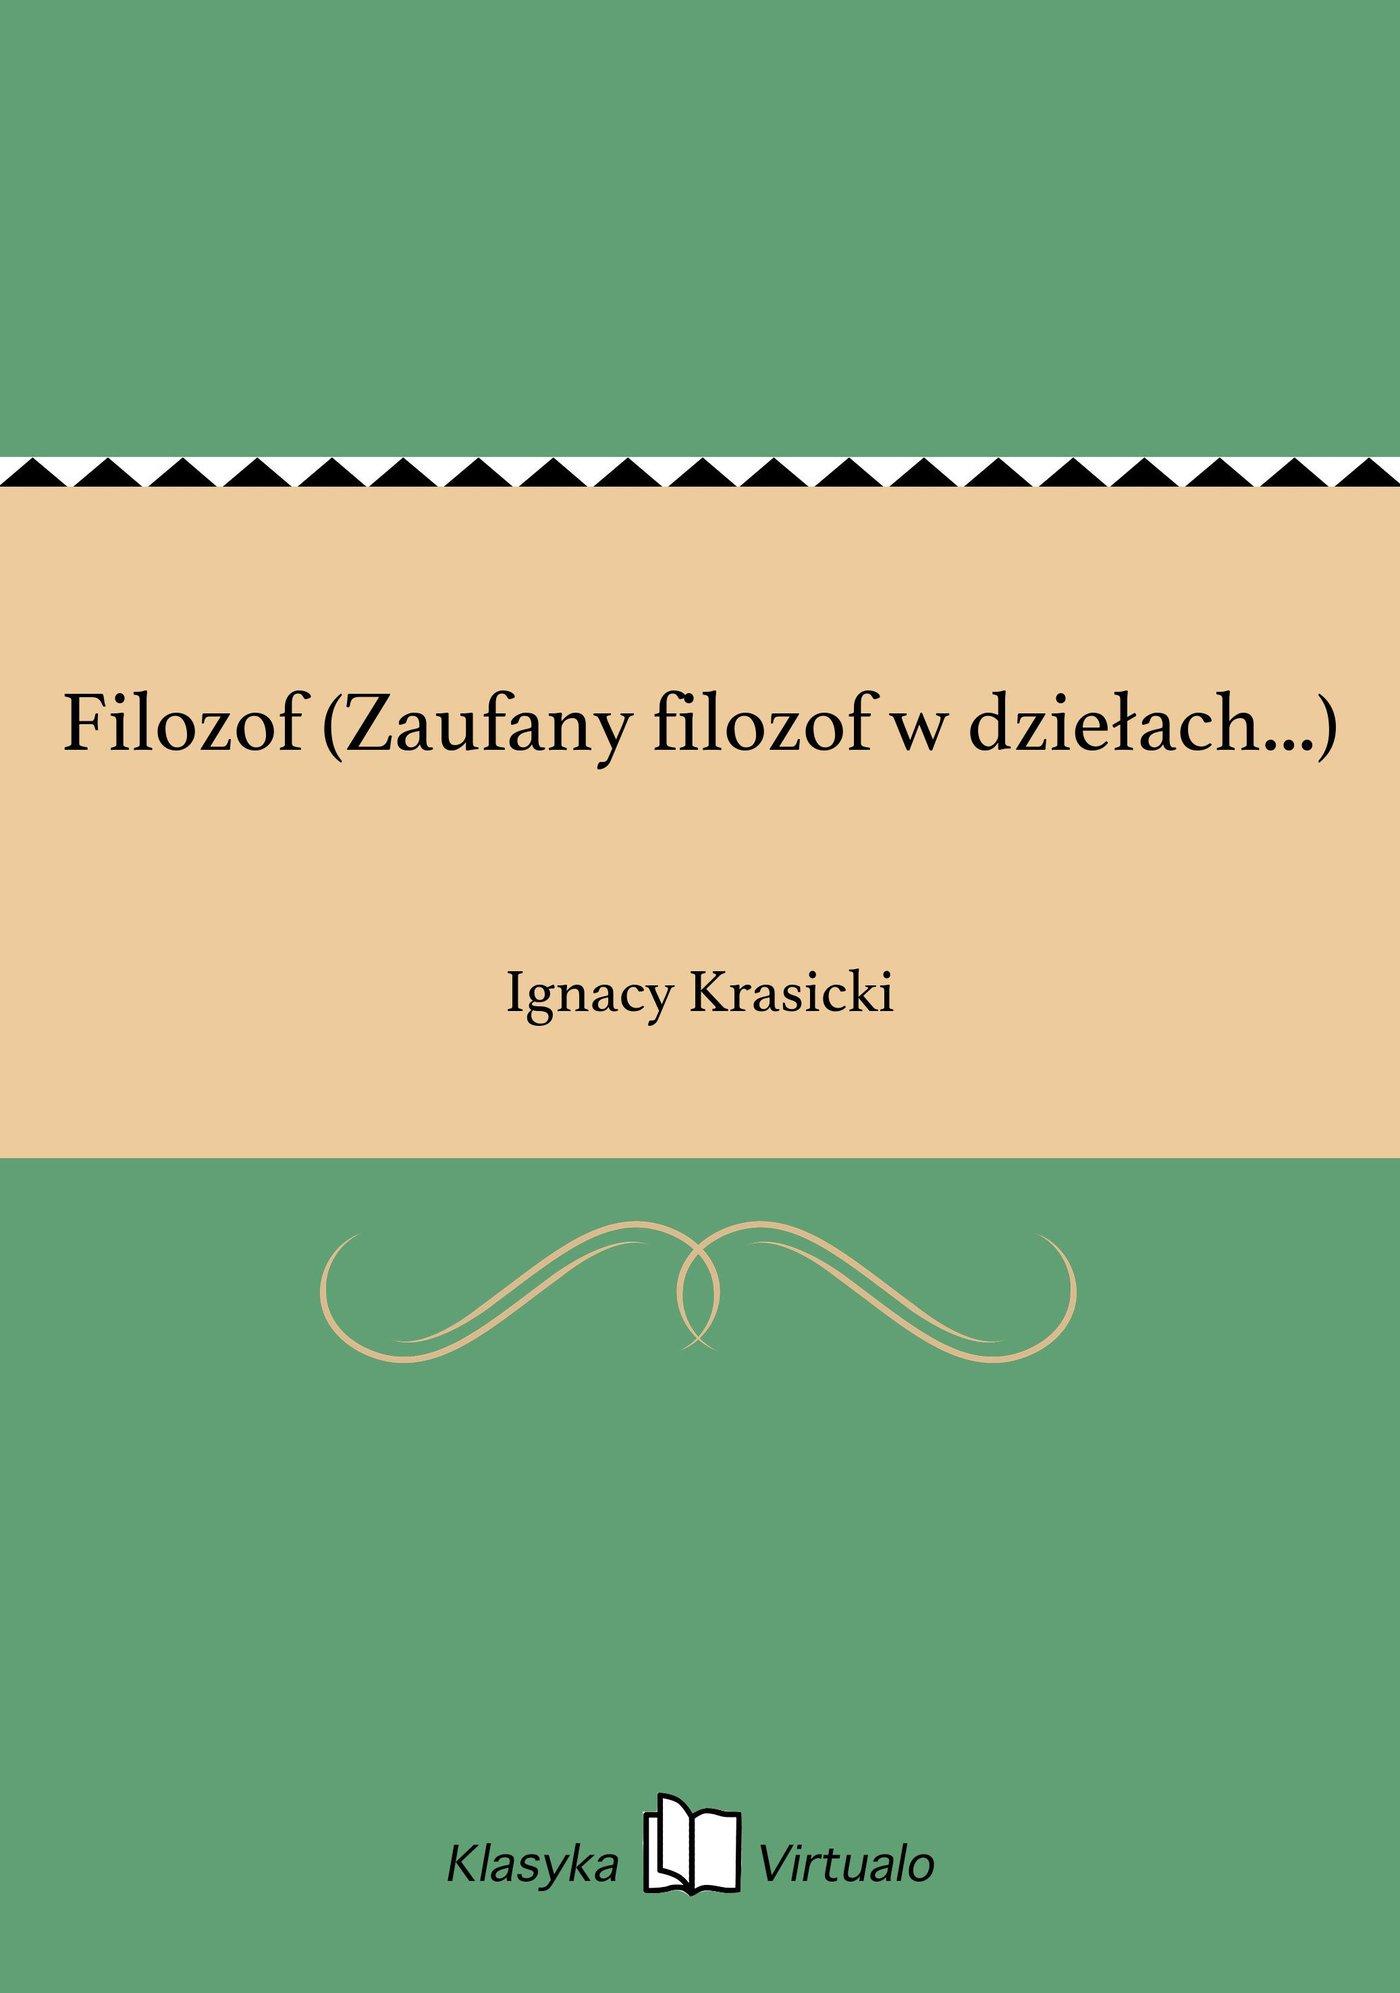 Filozof (Zaufany filozof w dziełach...) - Ebook (Książka na Kindle) do pobrania w formacie MOBI